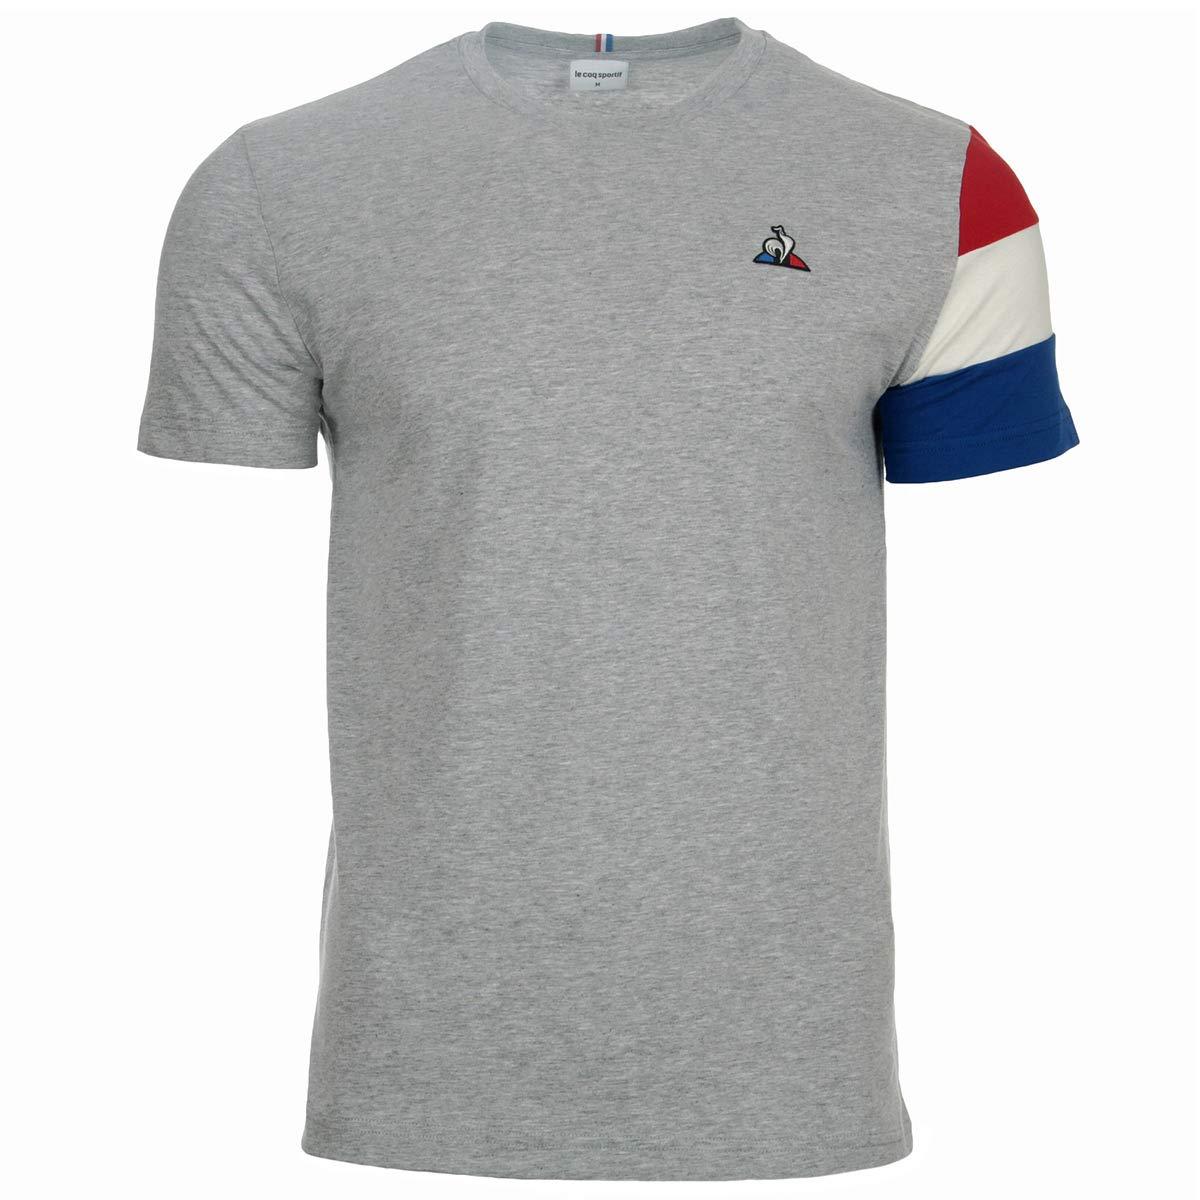 Camisetas LE COQ SPORTIF - 1811448-TS: Amazon.es: Zapatos y ...